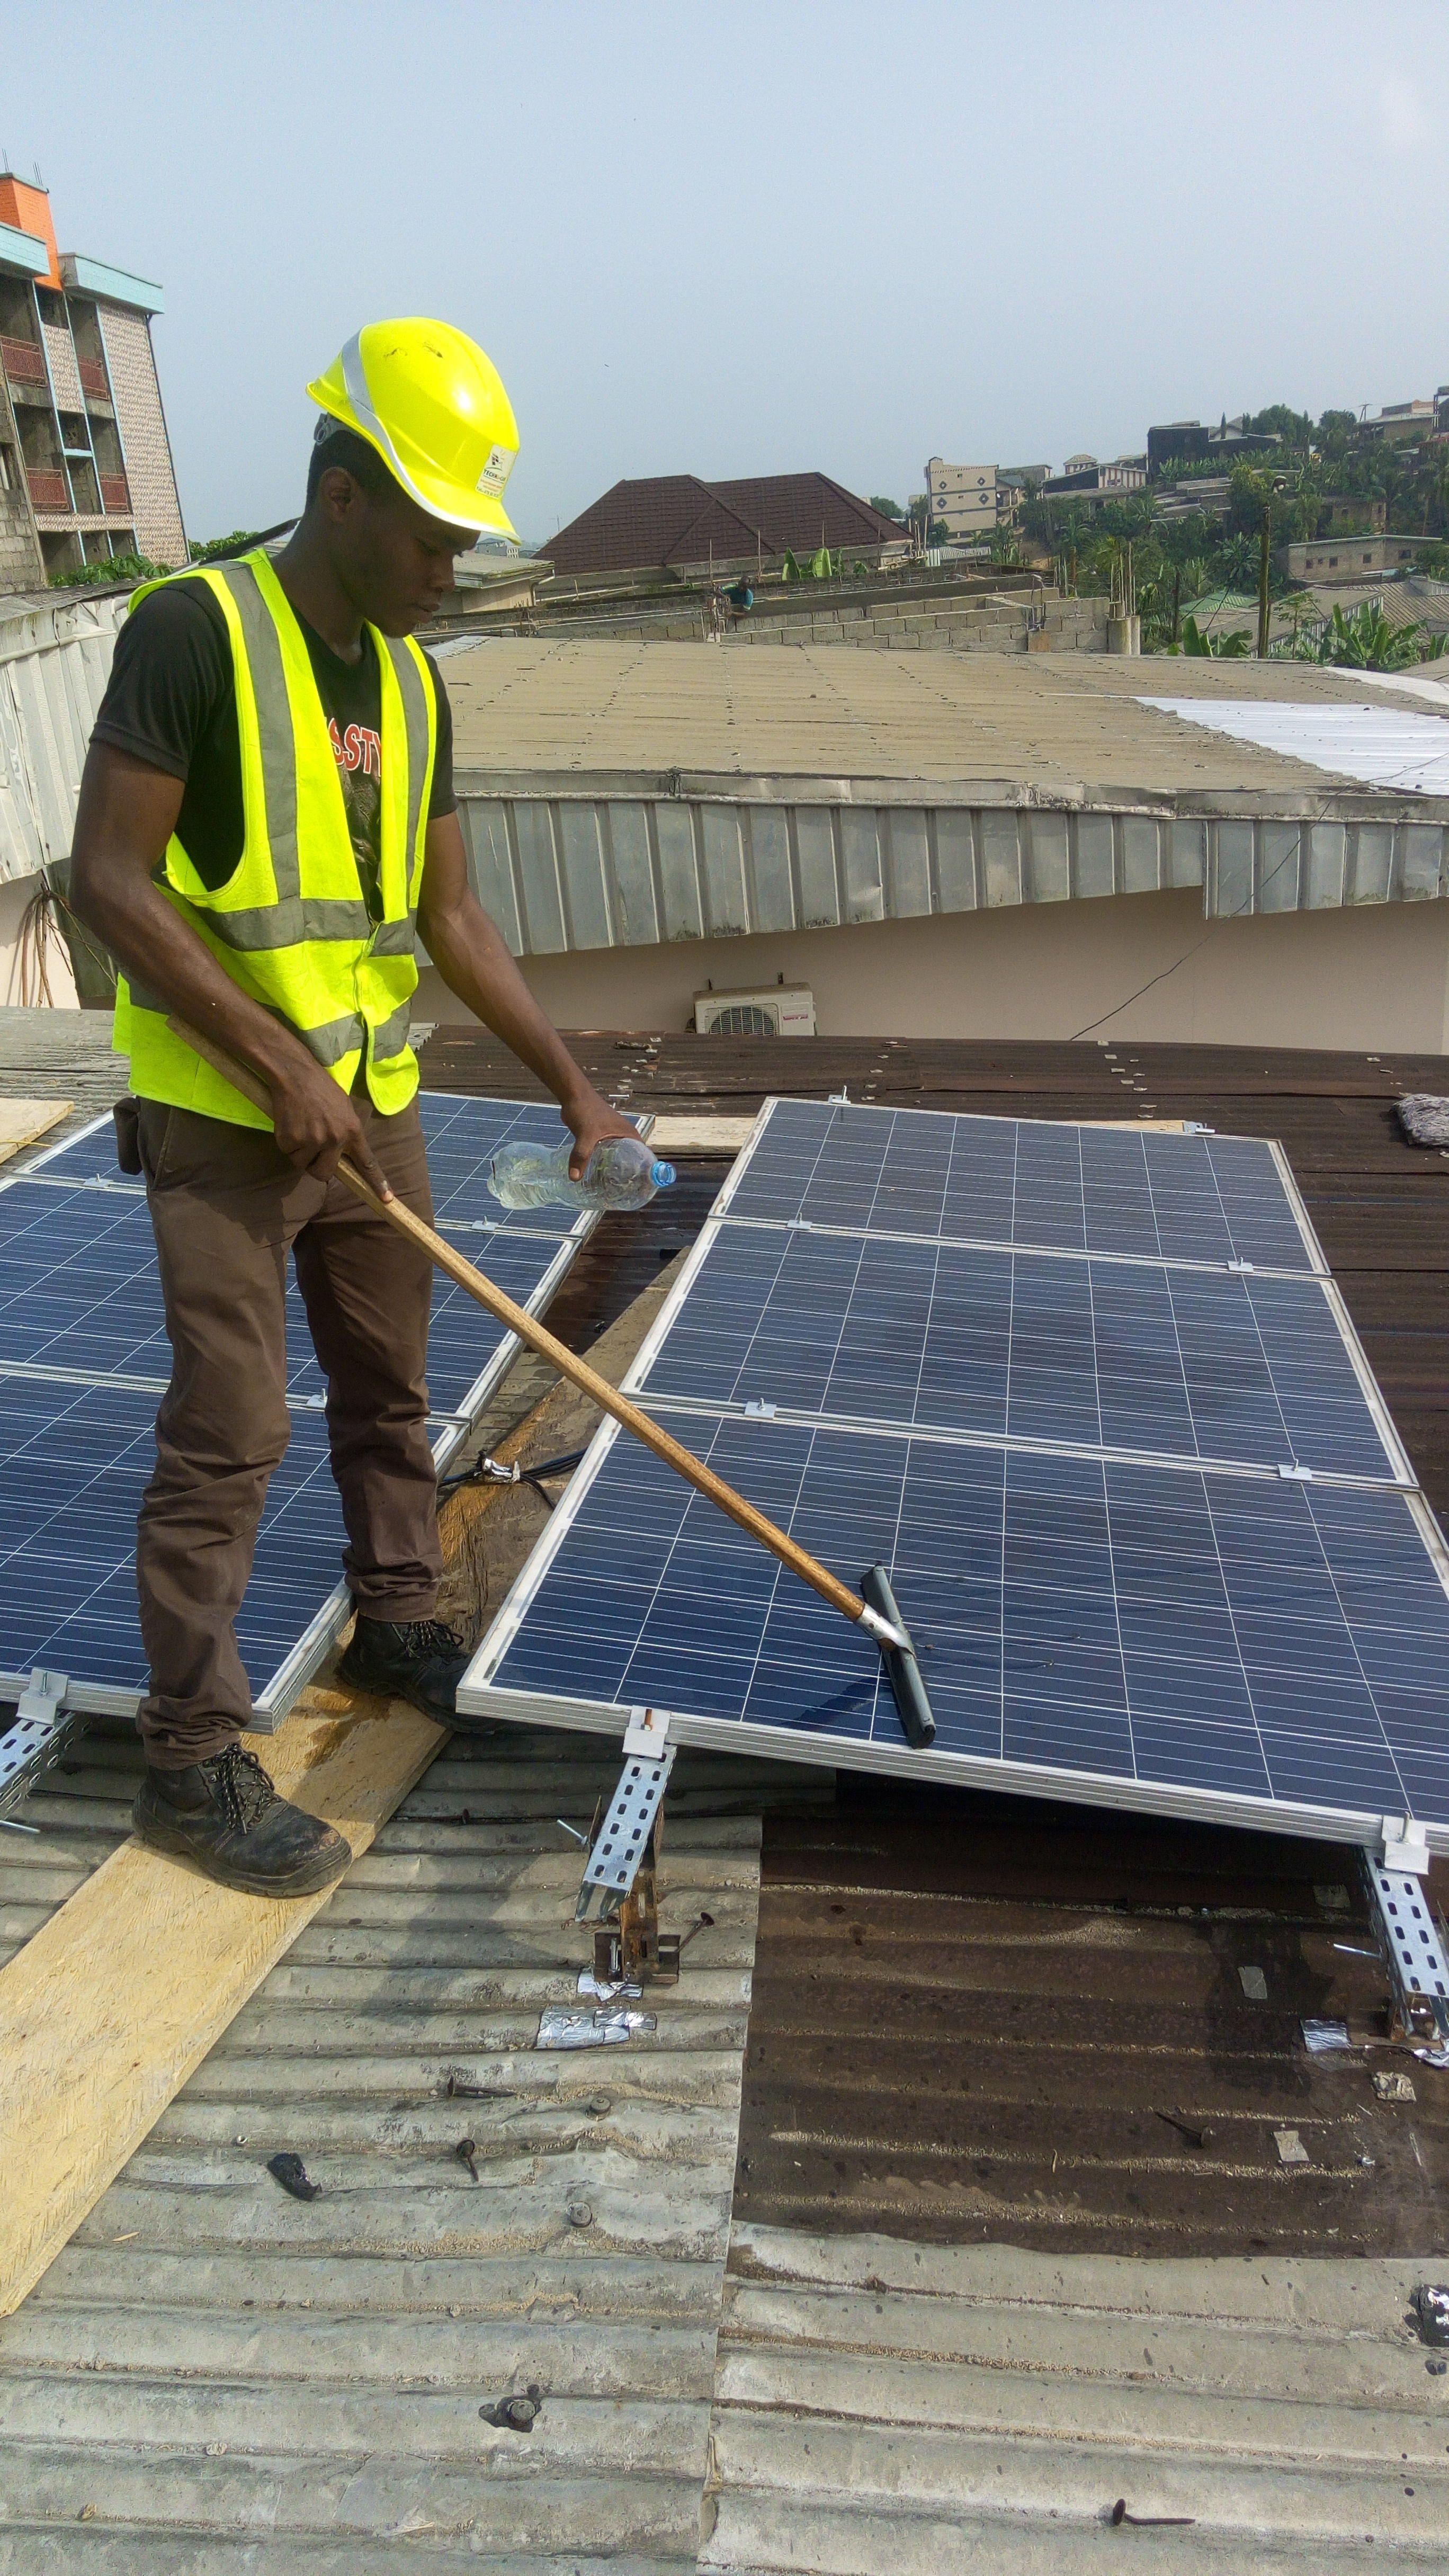 Aucune Description Alternative Pour Cette Image Douala Energie Renouvelable Douala